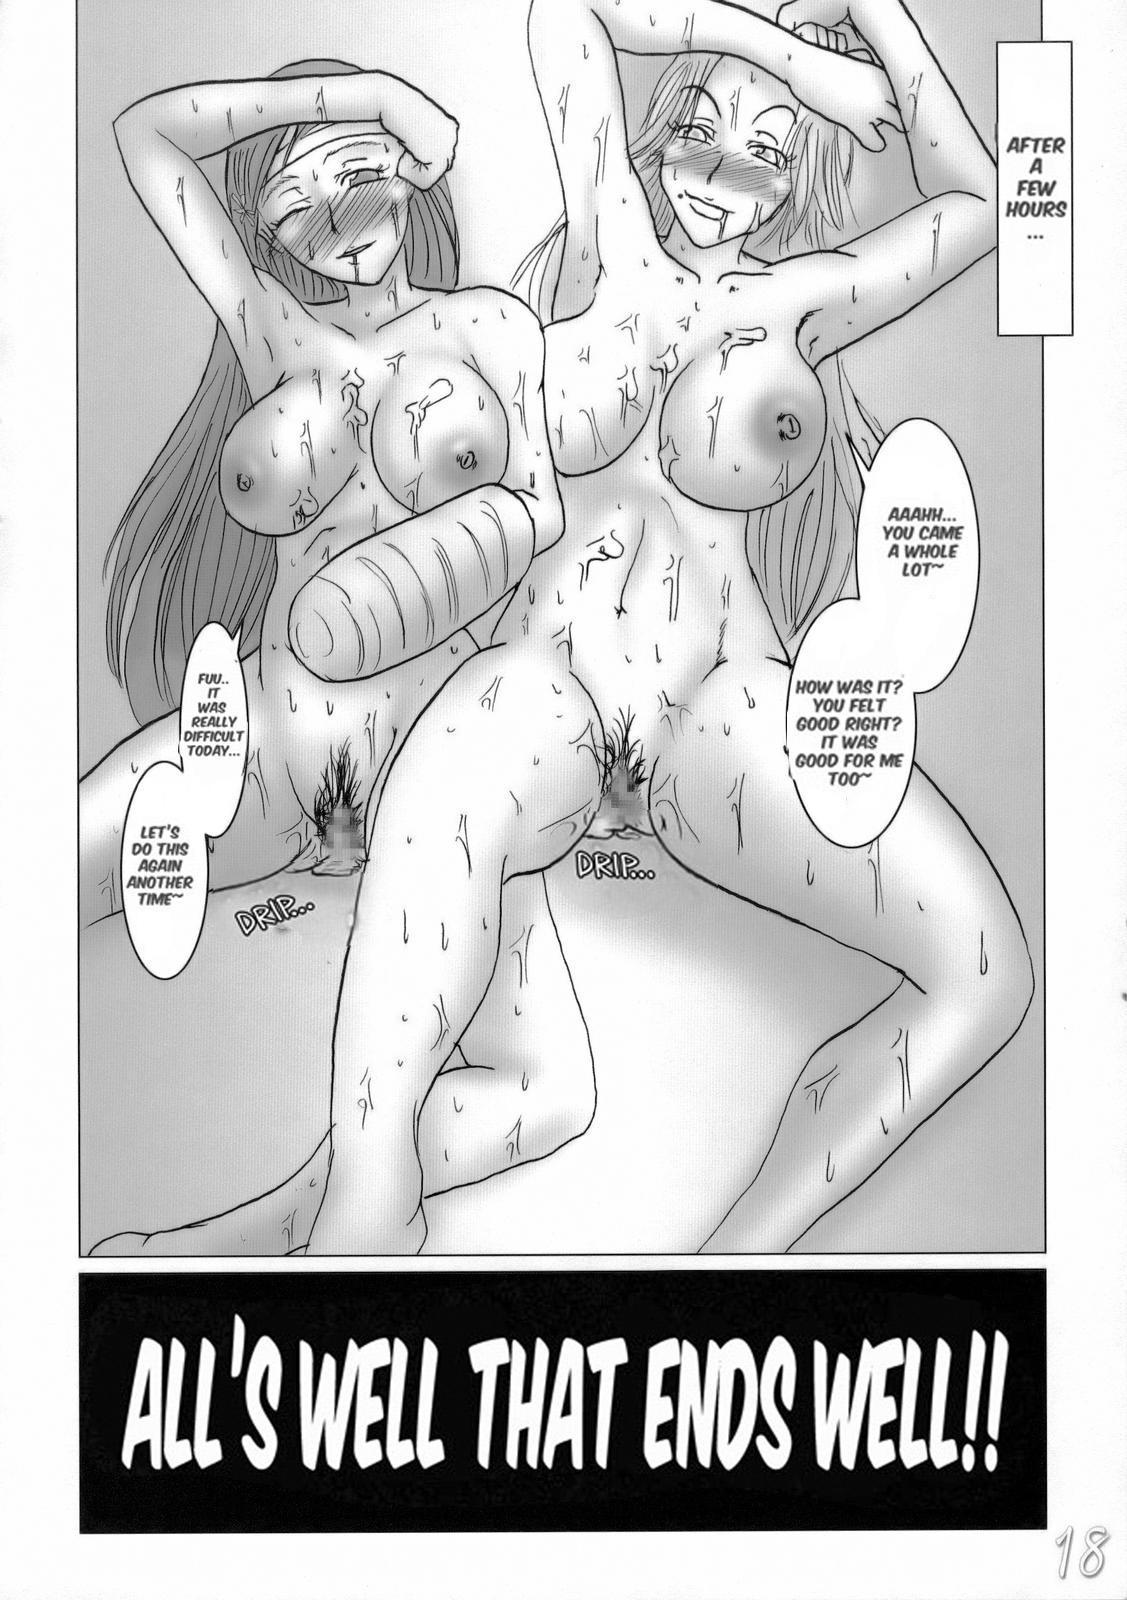 (CT7) [HIGHWAY-SENMU (Maban, Saikoubi)] H-Sen 9 - Erotical Miyasato Bros. (Bleach) [English] {doujin-moe.com} 16